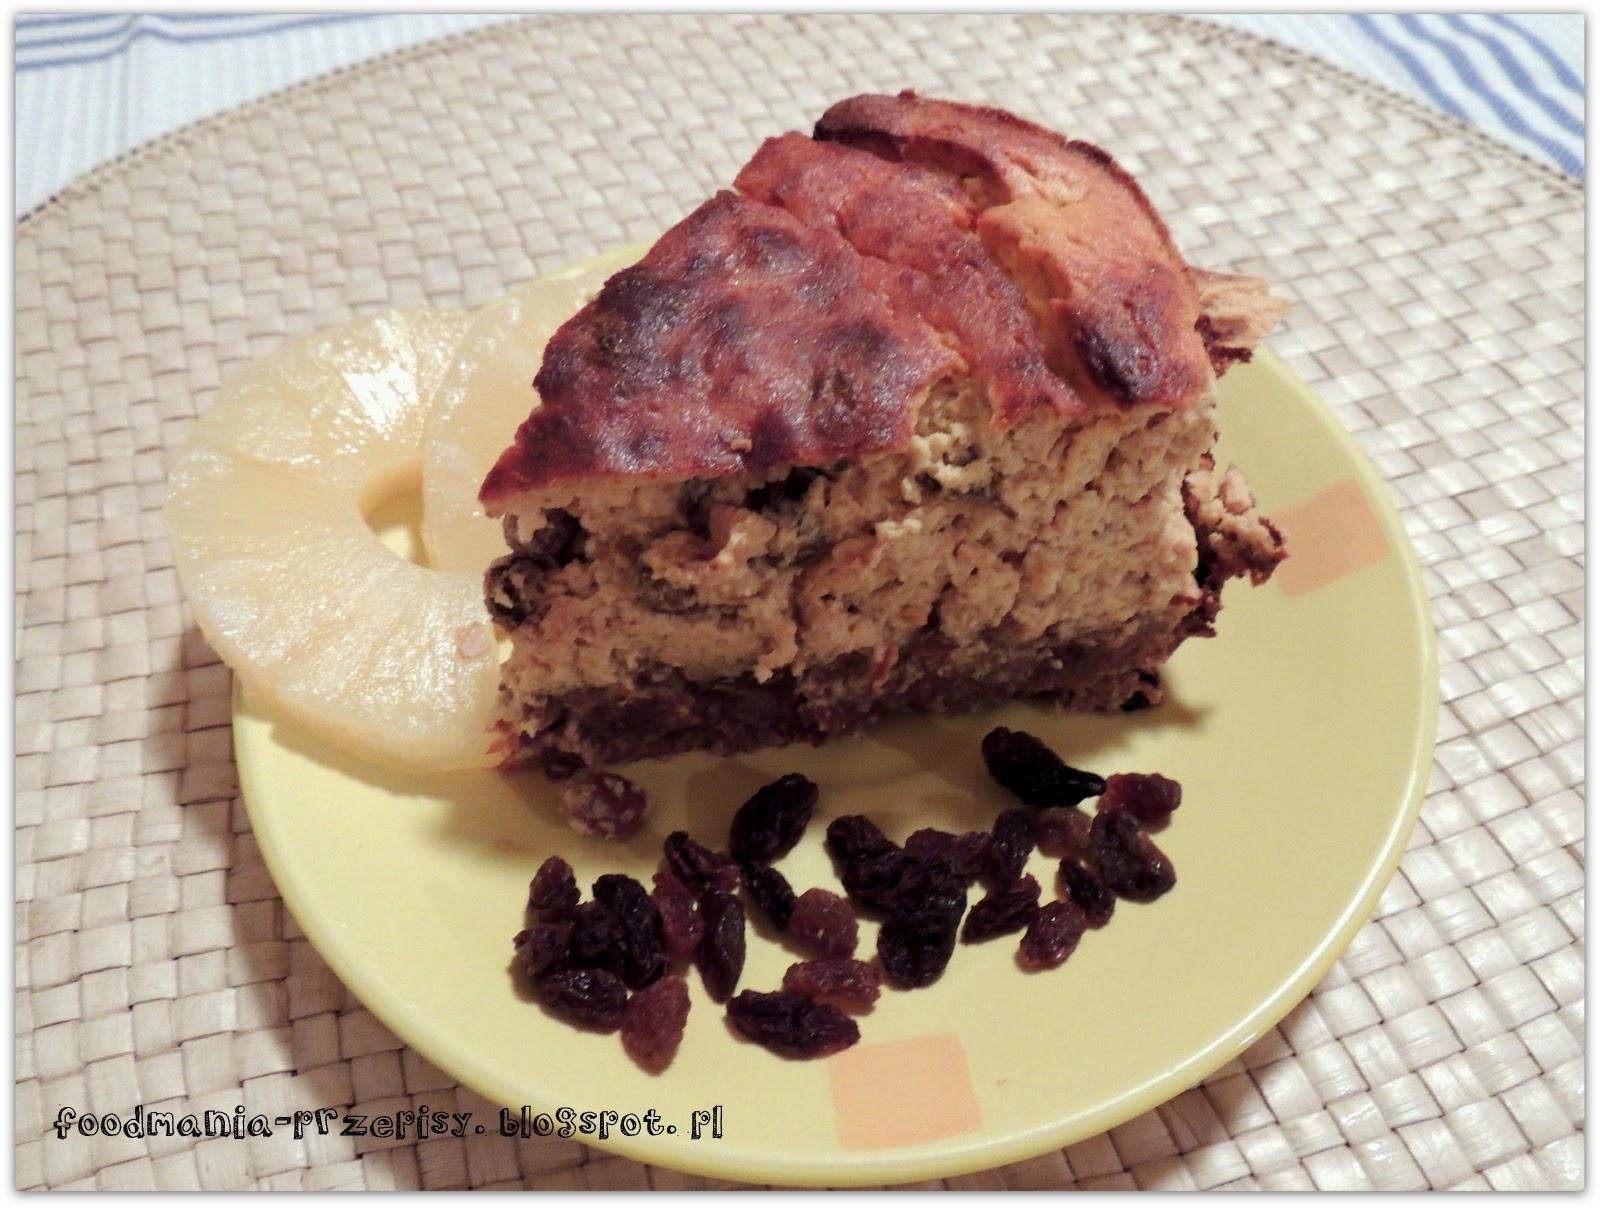 http://foodmania-przepisy.blogspot.com/2013/11/jesienny-sernik-z-nuta-banana-i-dyni.html